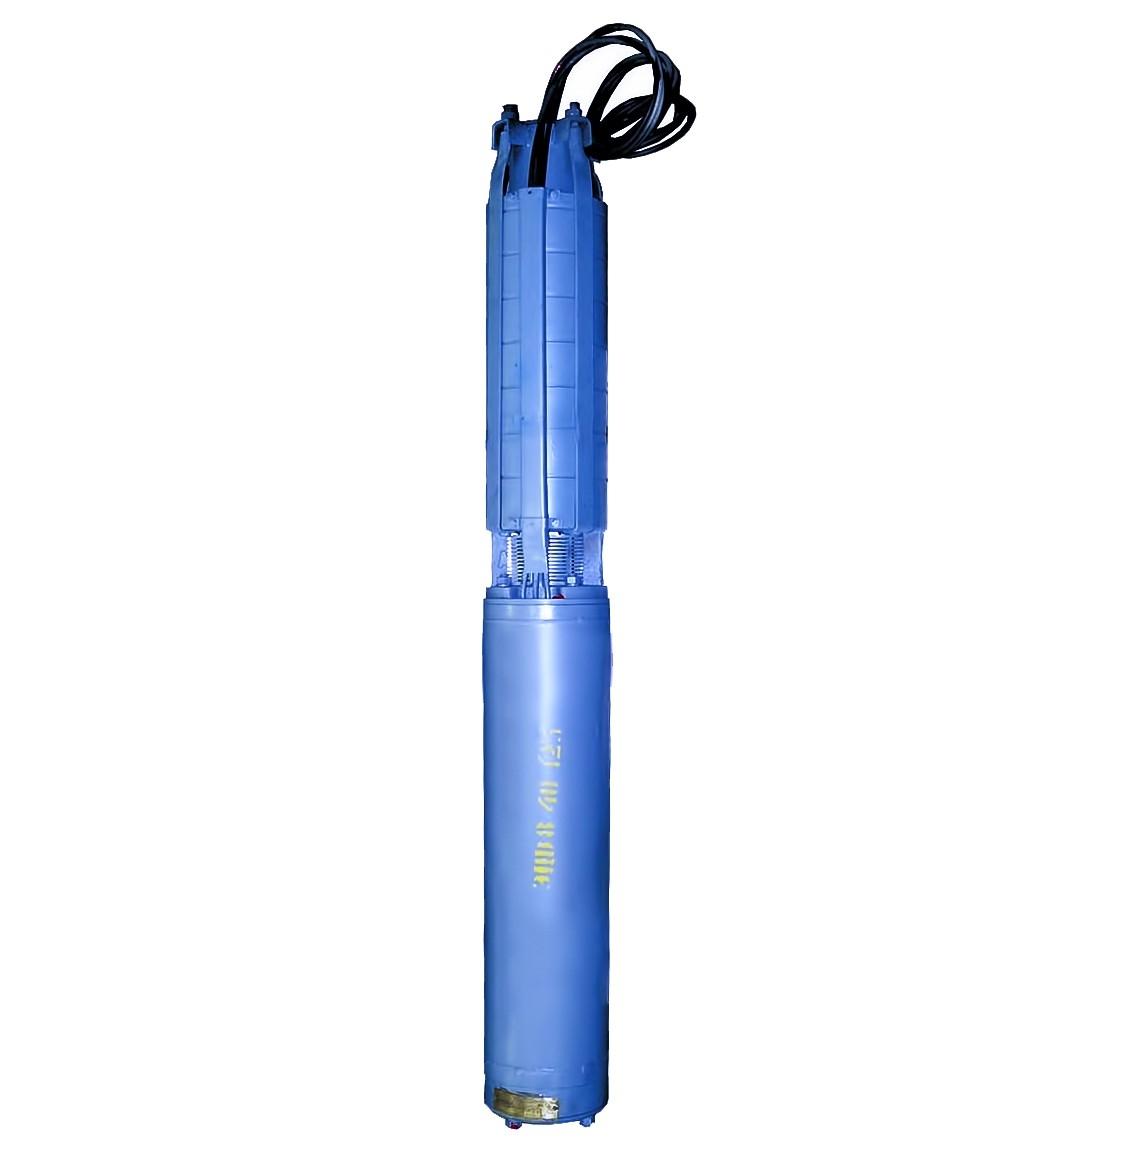 Погружной насос ЭЦВ 6-6,5-120 армлен